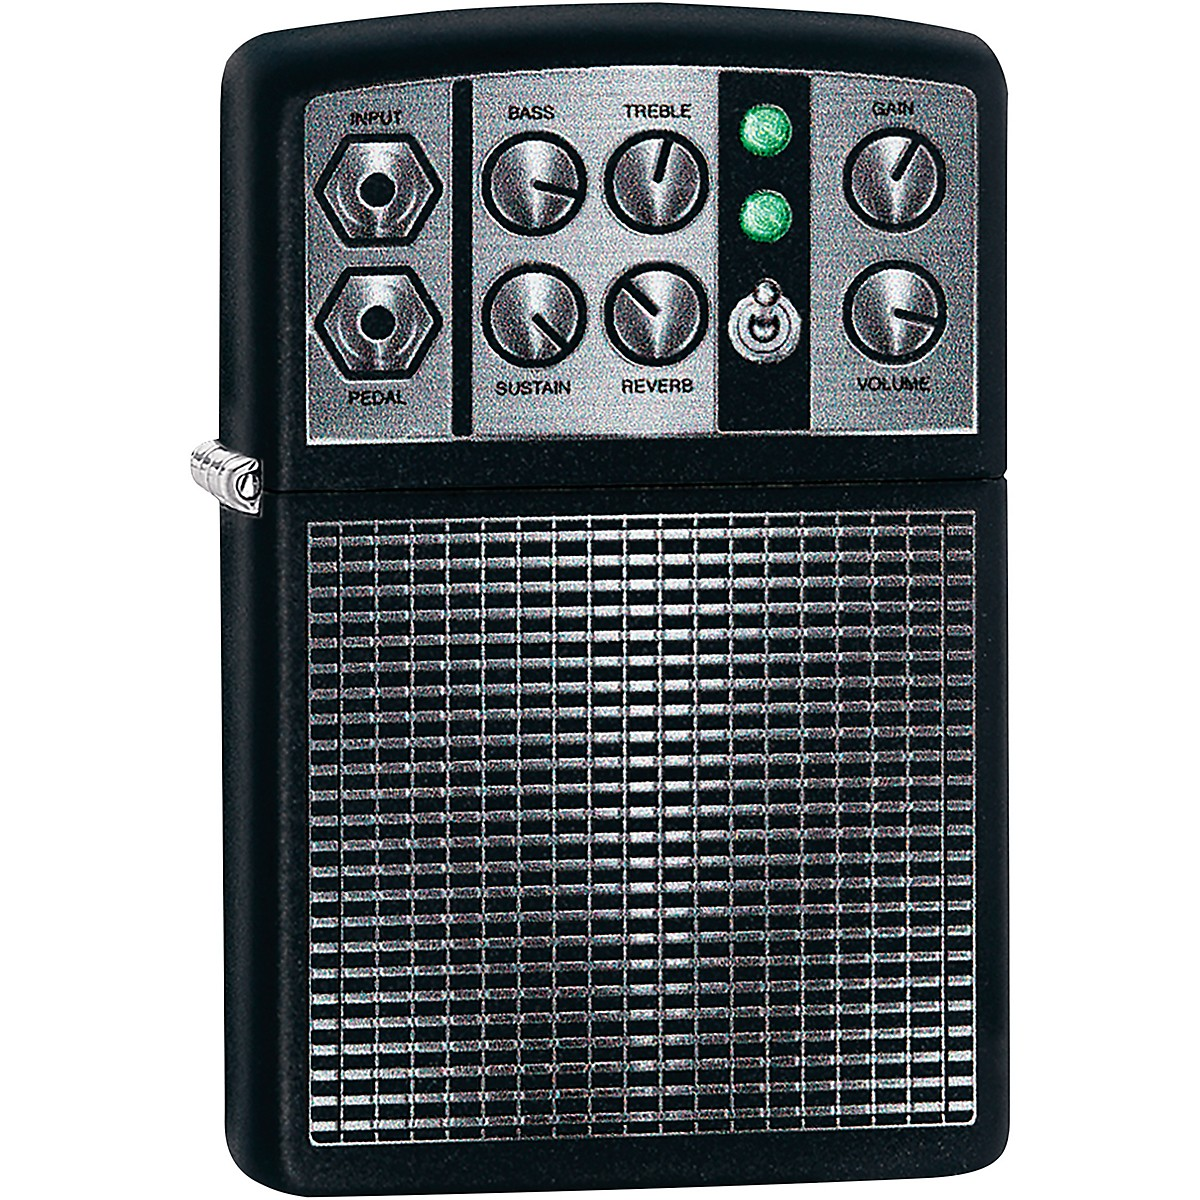 Zippo Amplifier Lighter - Black Matte